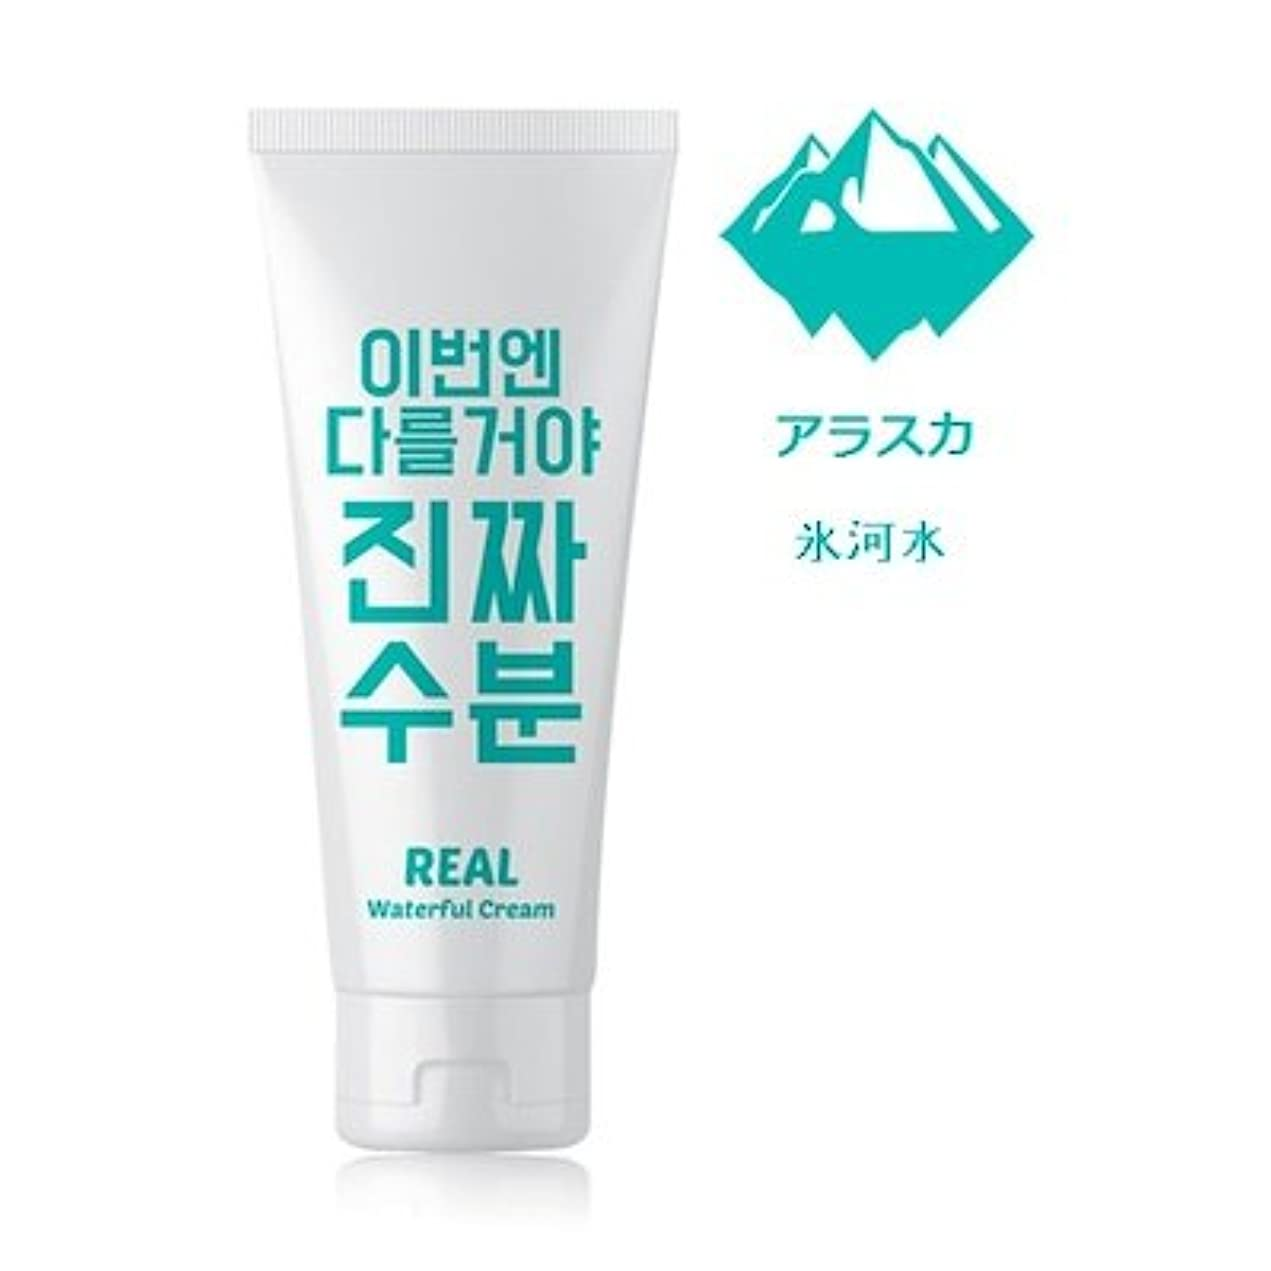 突破口発表どこにでもJaminkyung Real Waterful Cream/孜民耕 [ジャミンギョン] 今度は違うぞ本当の水分クリーム 200ml [並行輸入品]